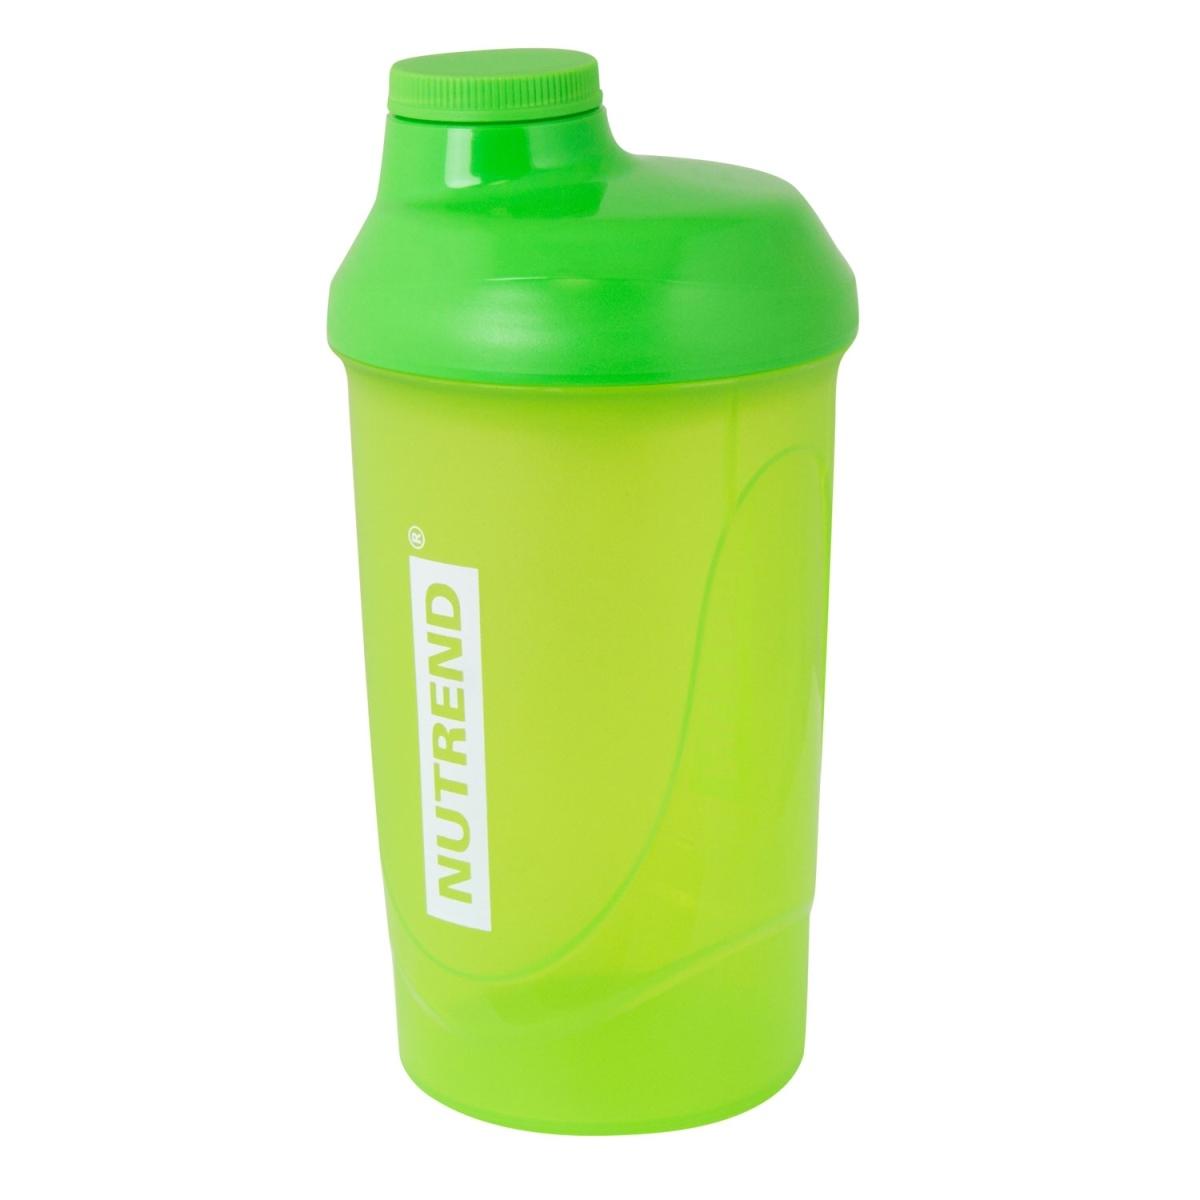 Láhev-šejkr NUTREND 0,6 l, zelený (Zelený šejkr NUTREND s objemem 0,6 litru pro přípravu koktejlů)